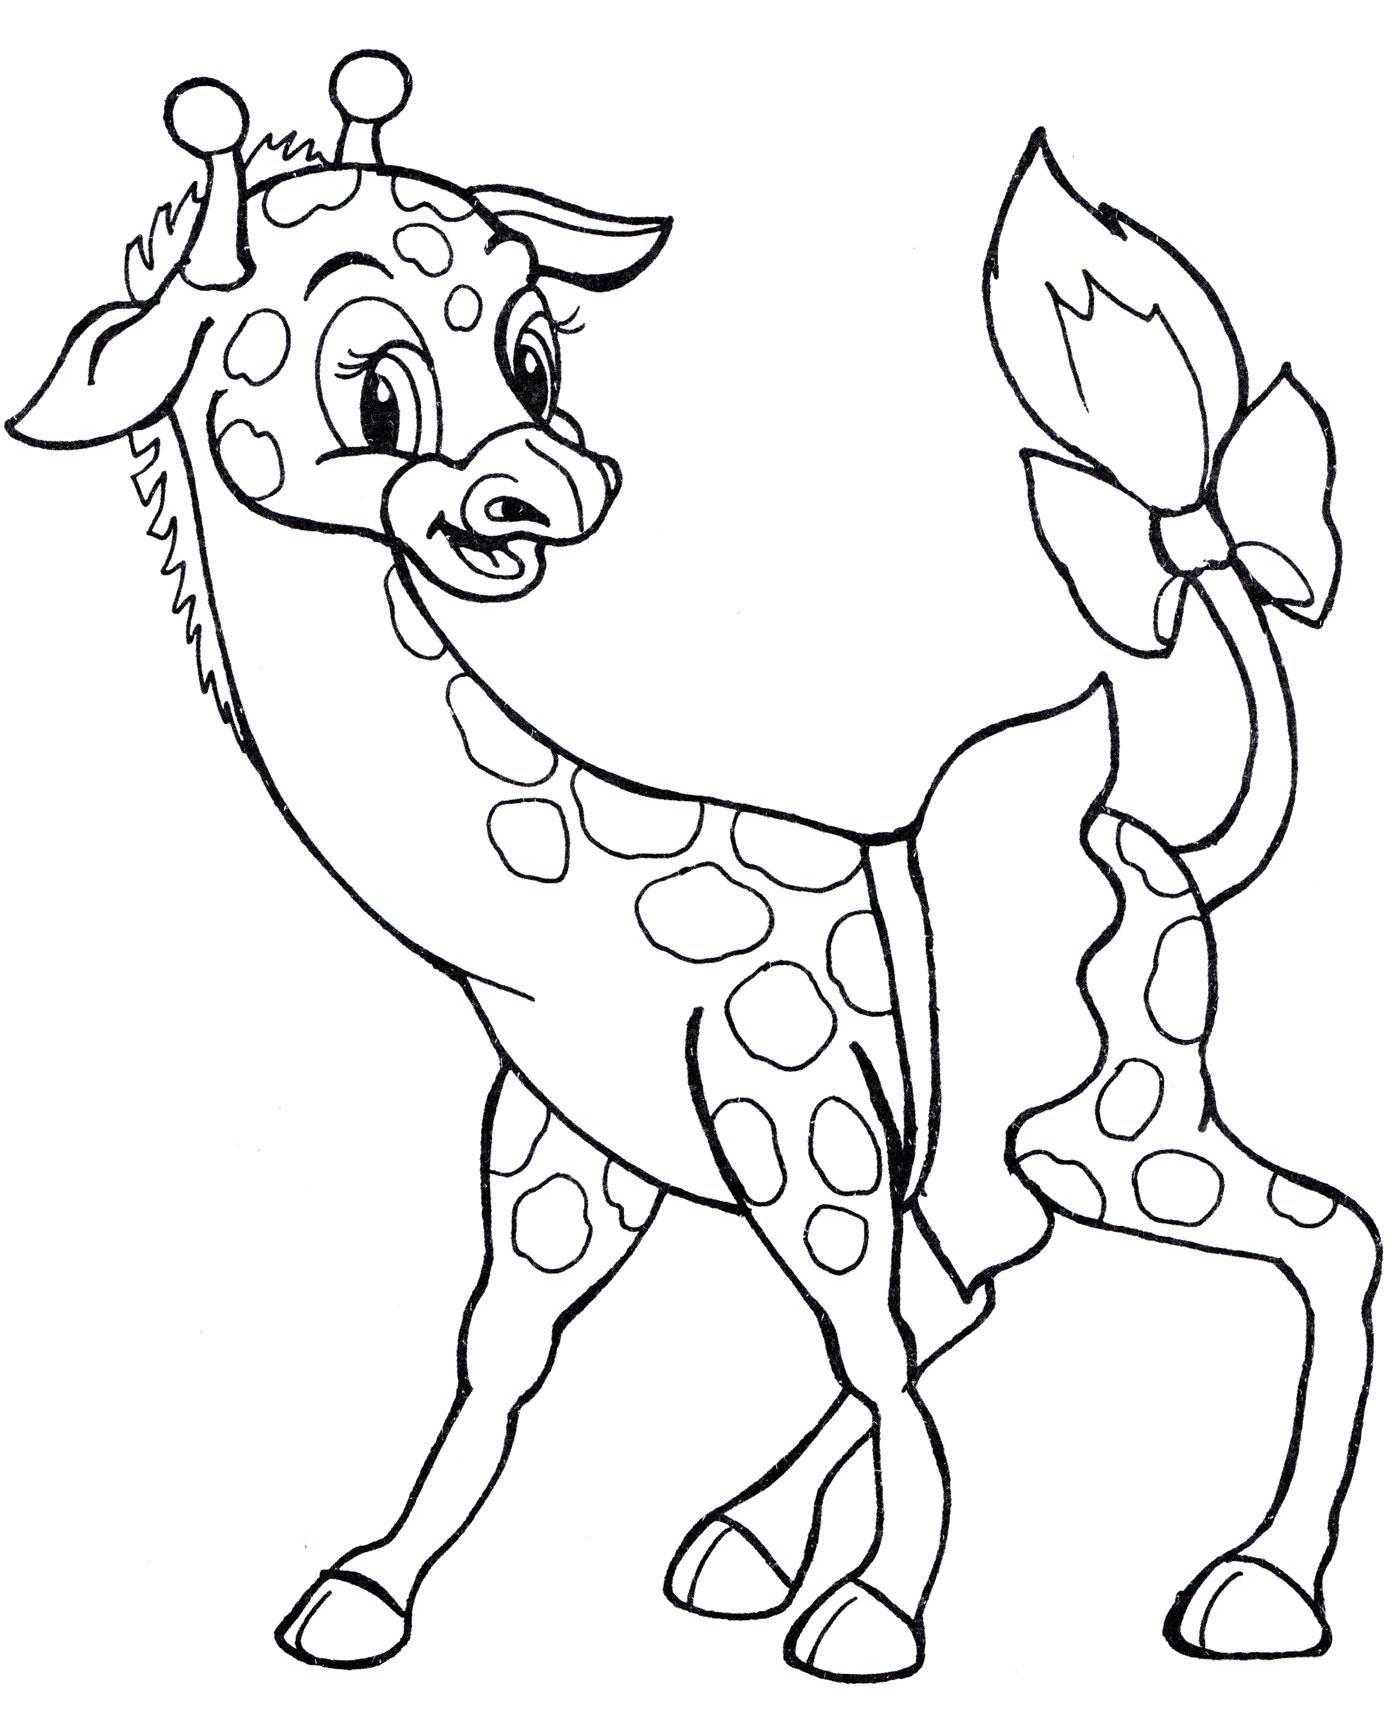 Раскраска Жираф с бантиком на хвосте - распечатать бесплатно